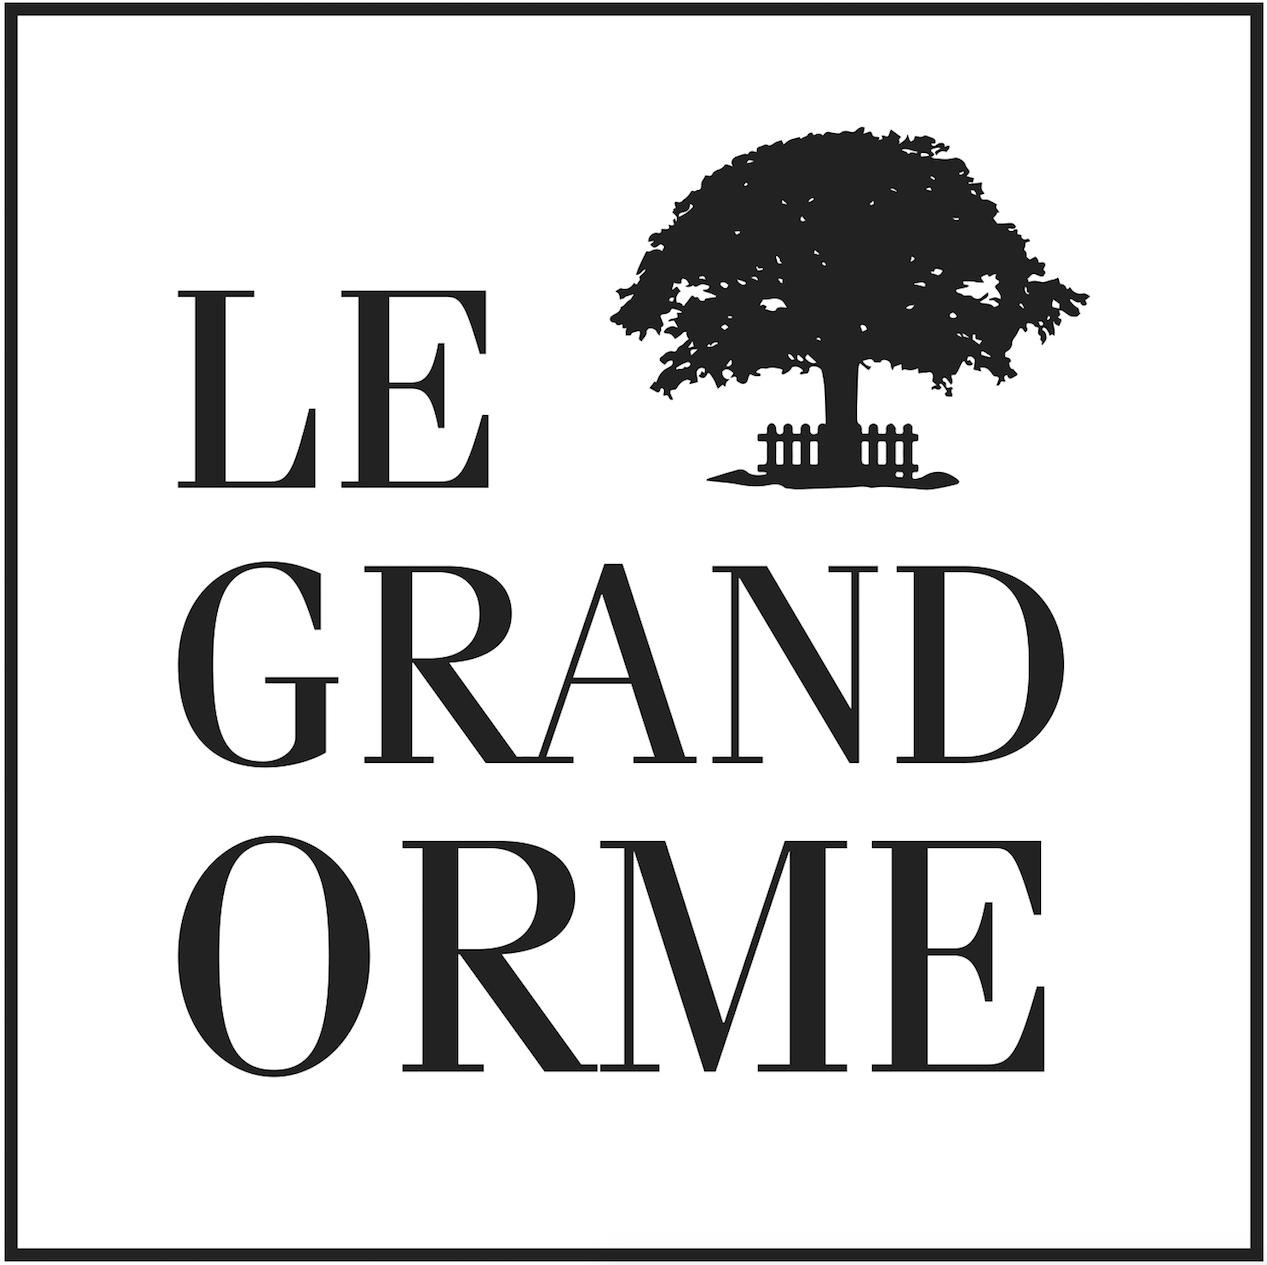 Le Grand Orme meuble et décoration de jardins (fabrication, commerce)